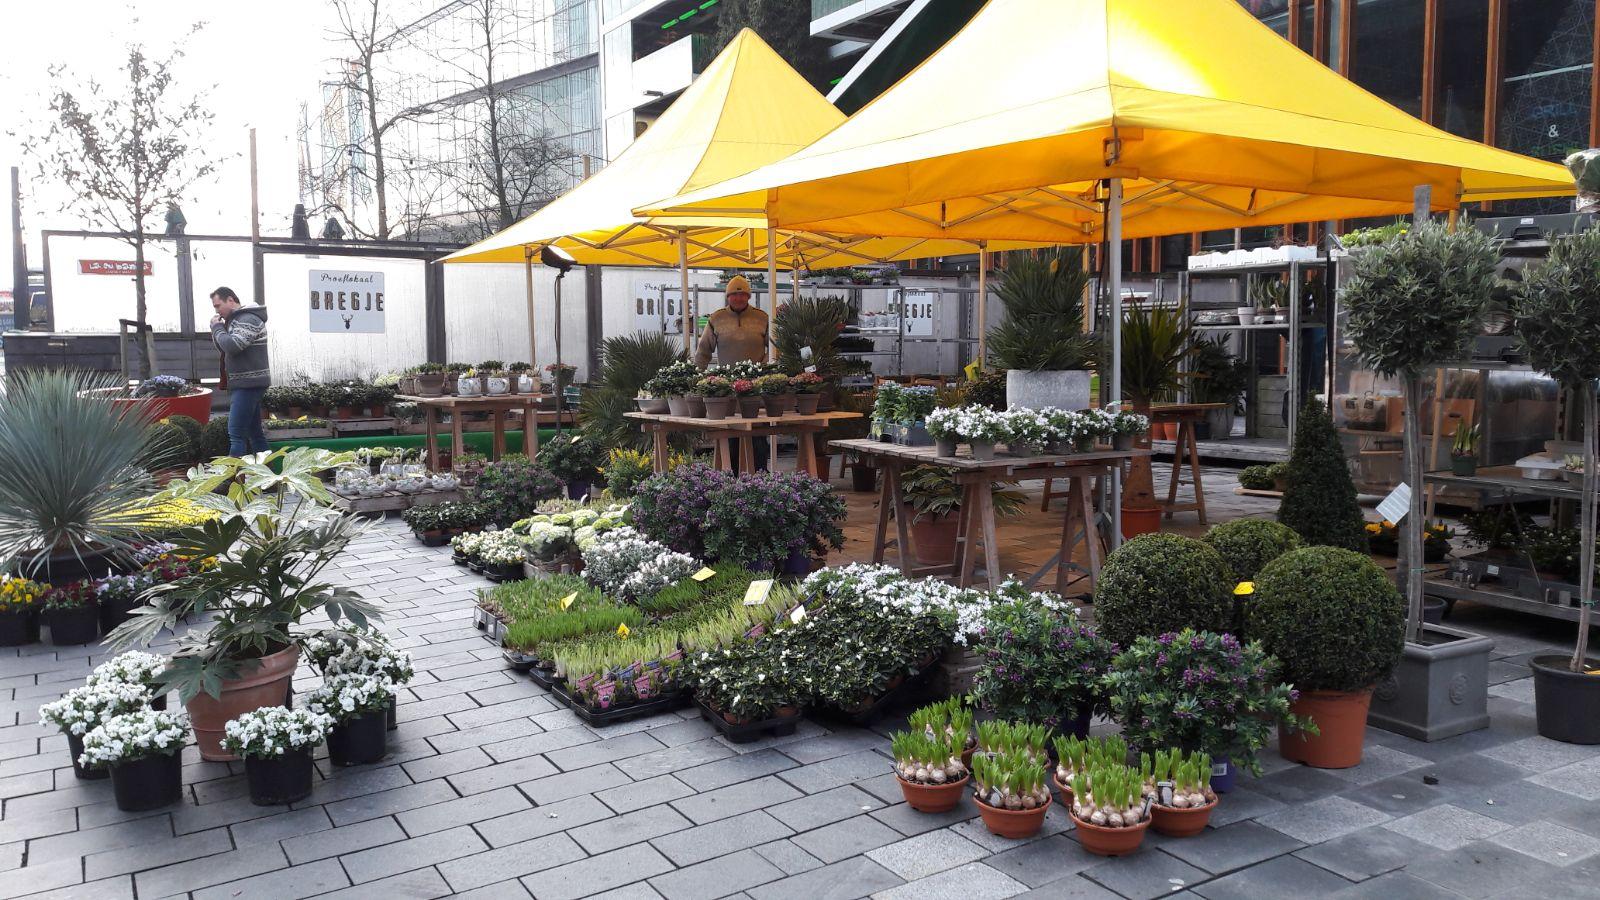 Firma Khne op Markten Nieuwegein